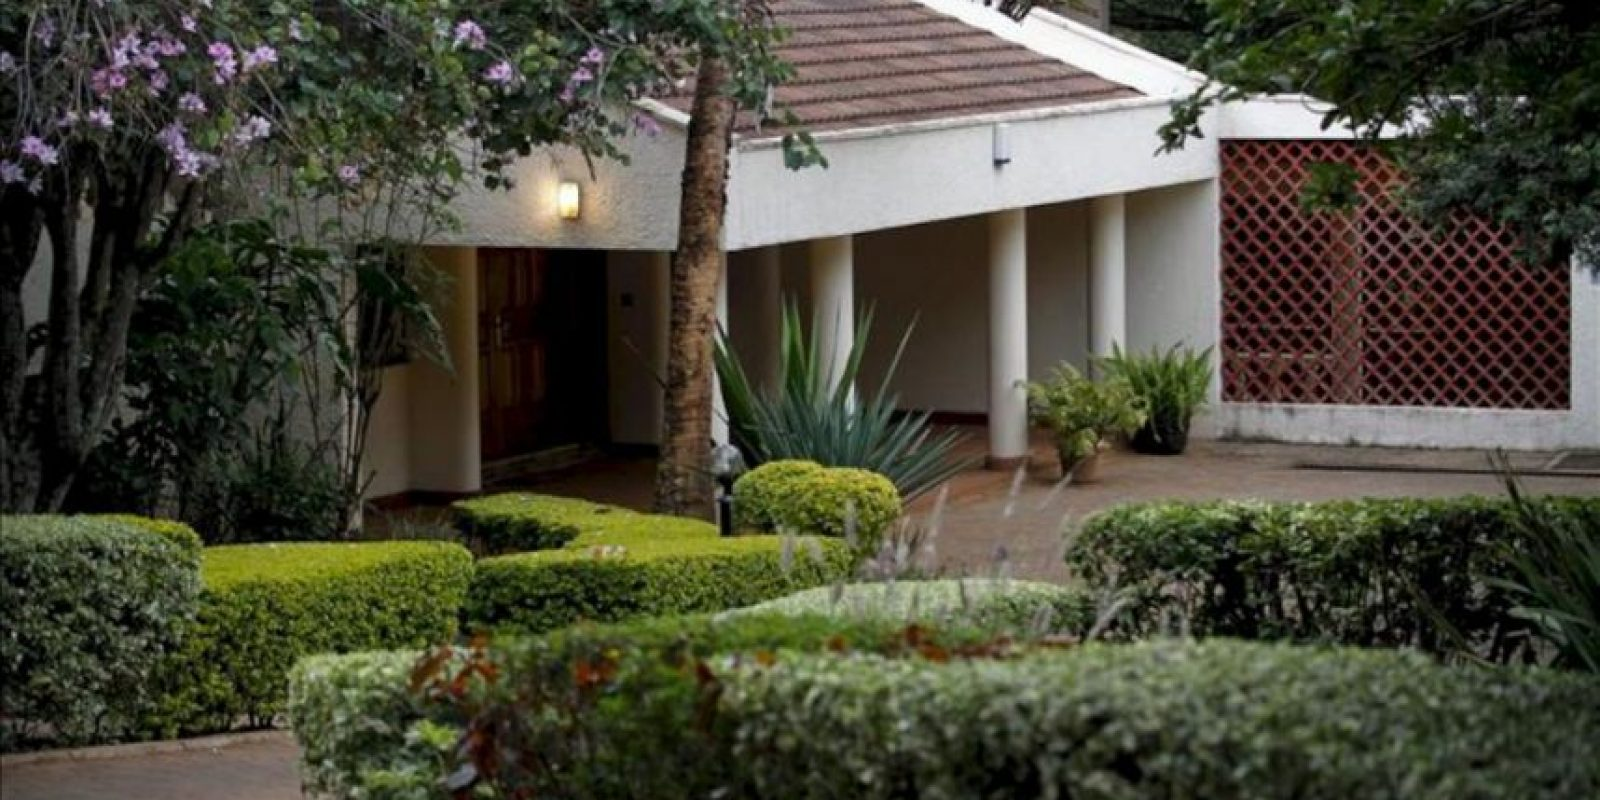 Vista de la residencia oficial de la máxima representante diplomática de Venezuela en Kenia, Olga Fonseca, en el norte de Nairobi, después de que fuera encontrado su cadáver hoy. EFE